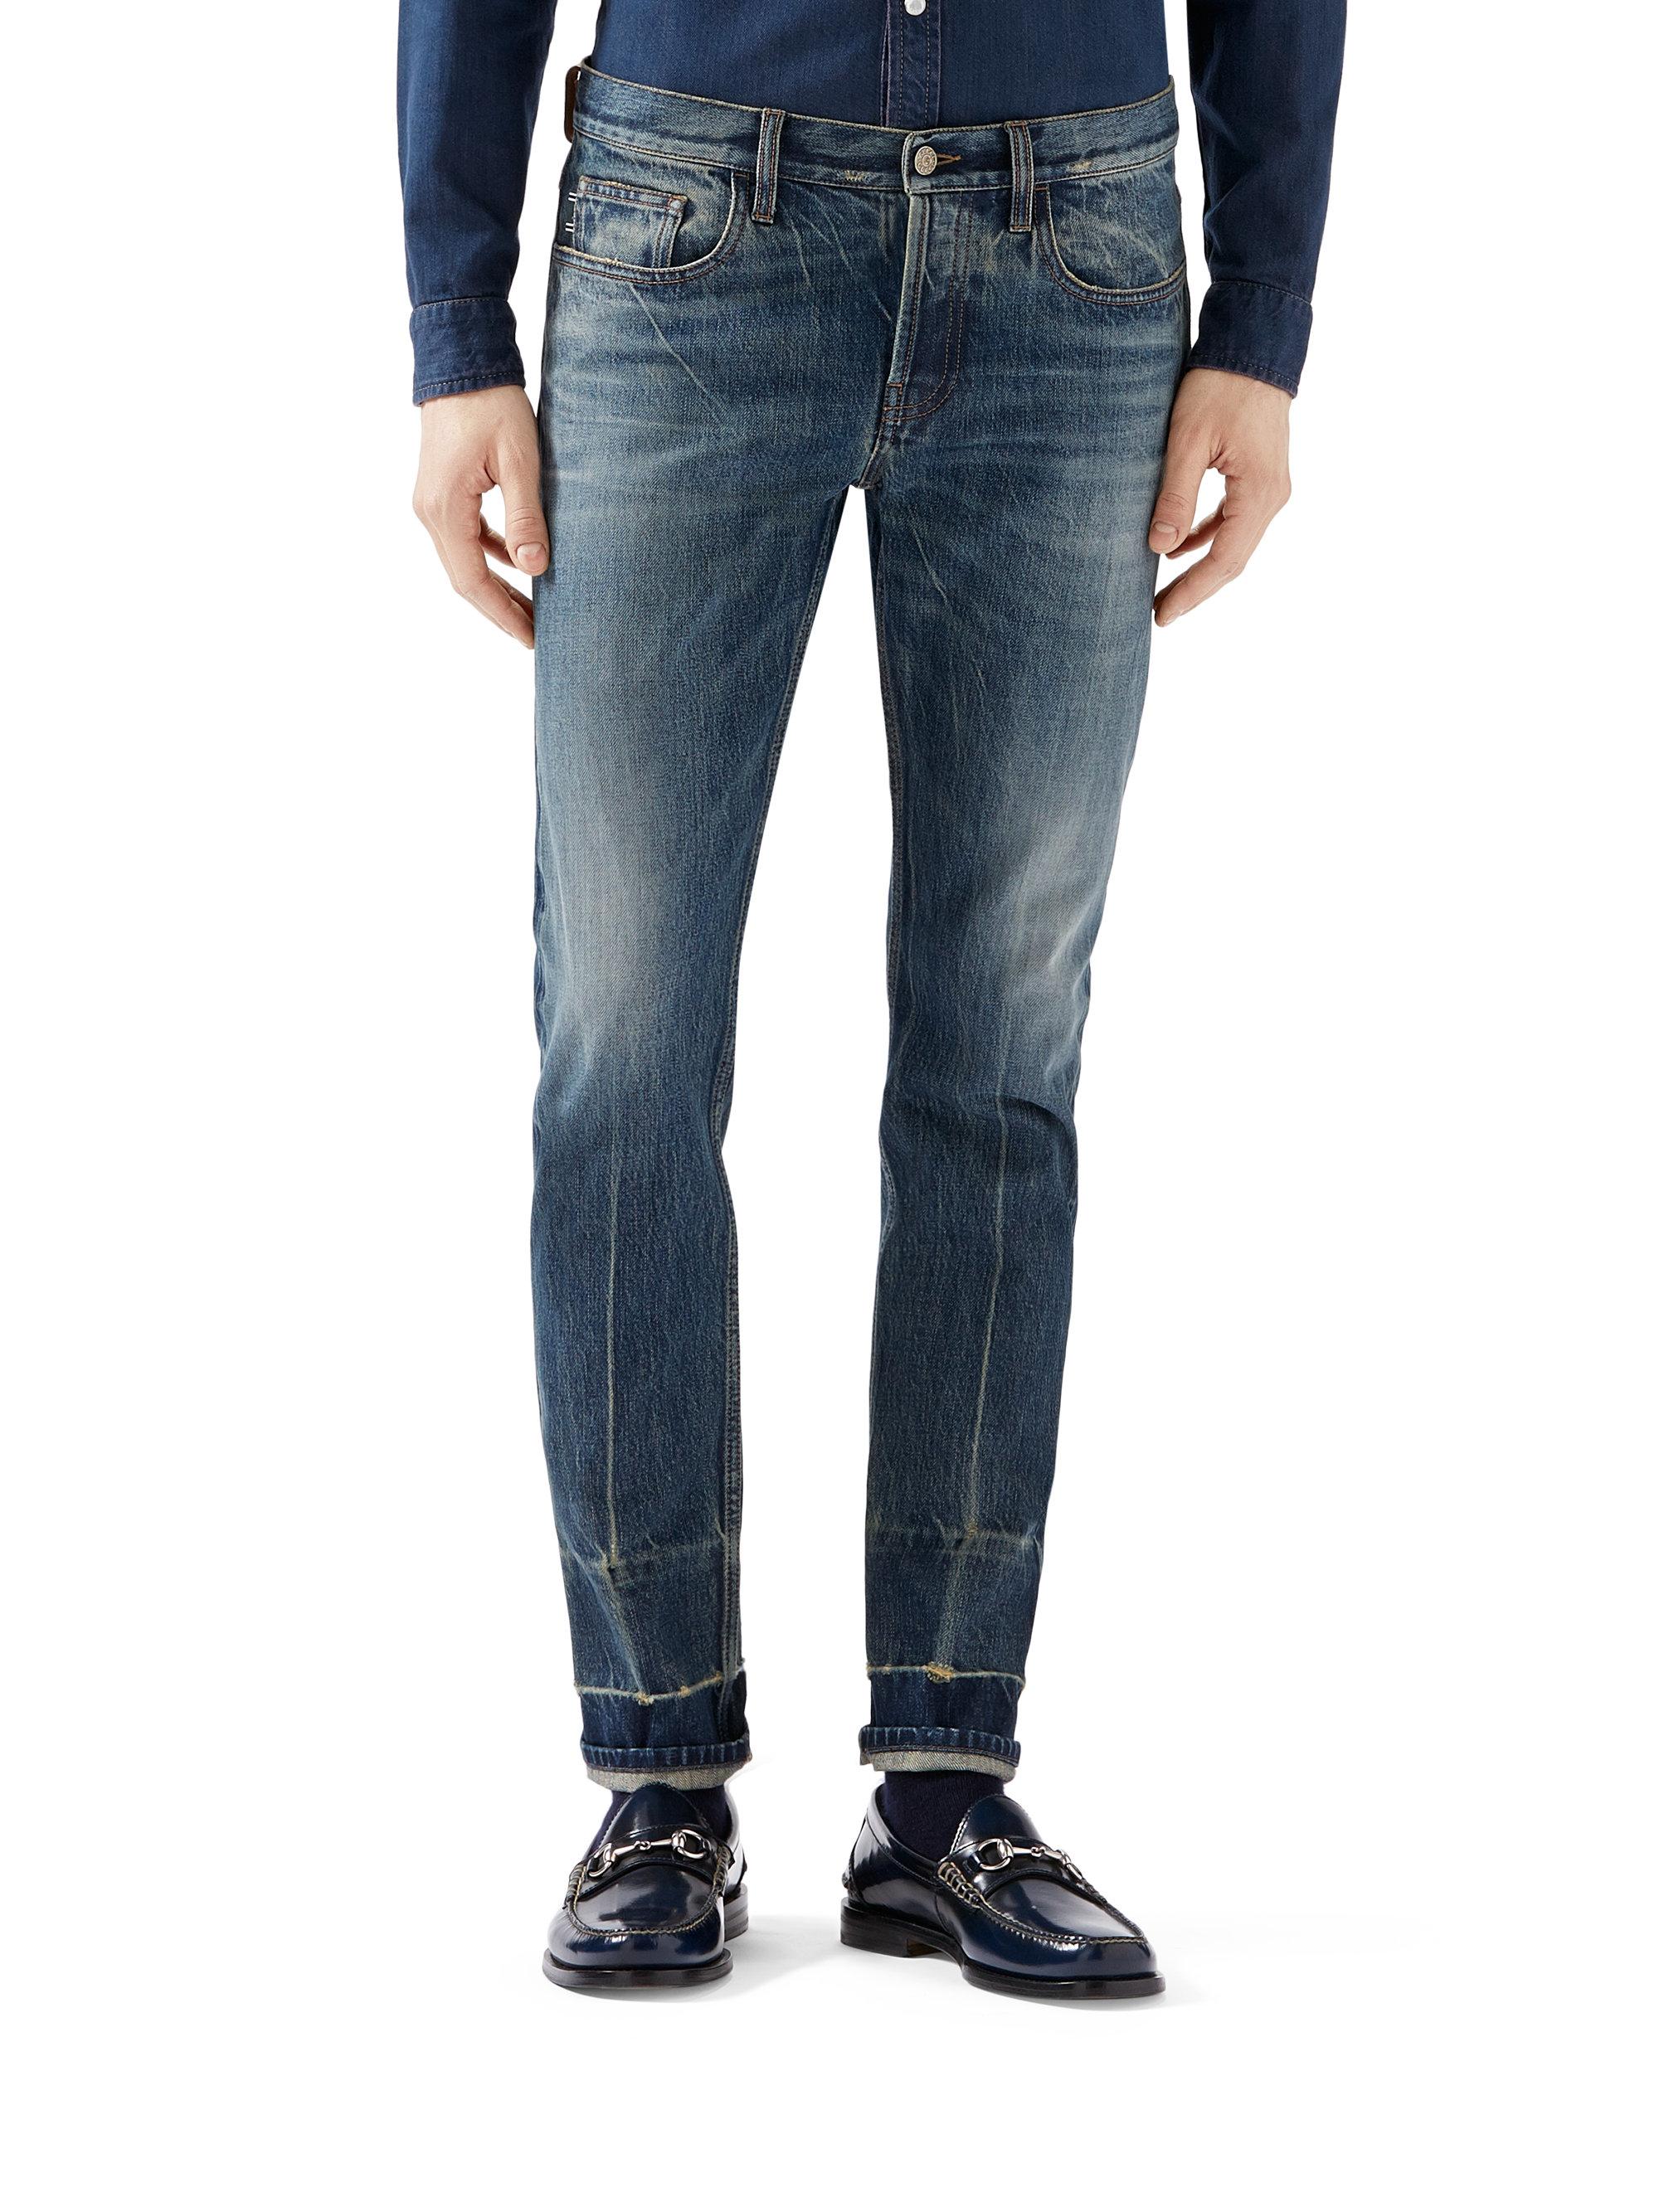 gucci jeans skinny. Black Bedroom Furniture Sets. Home Design Ideas